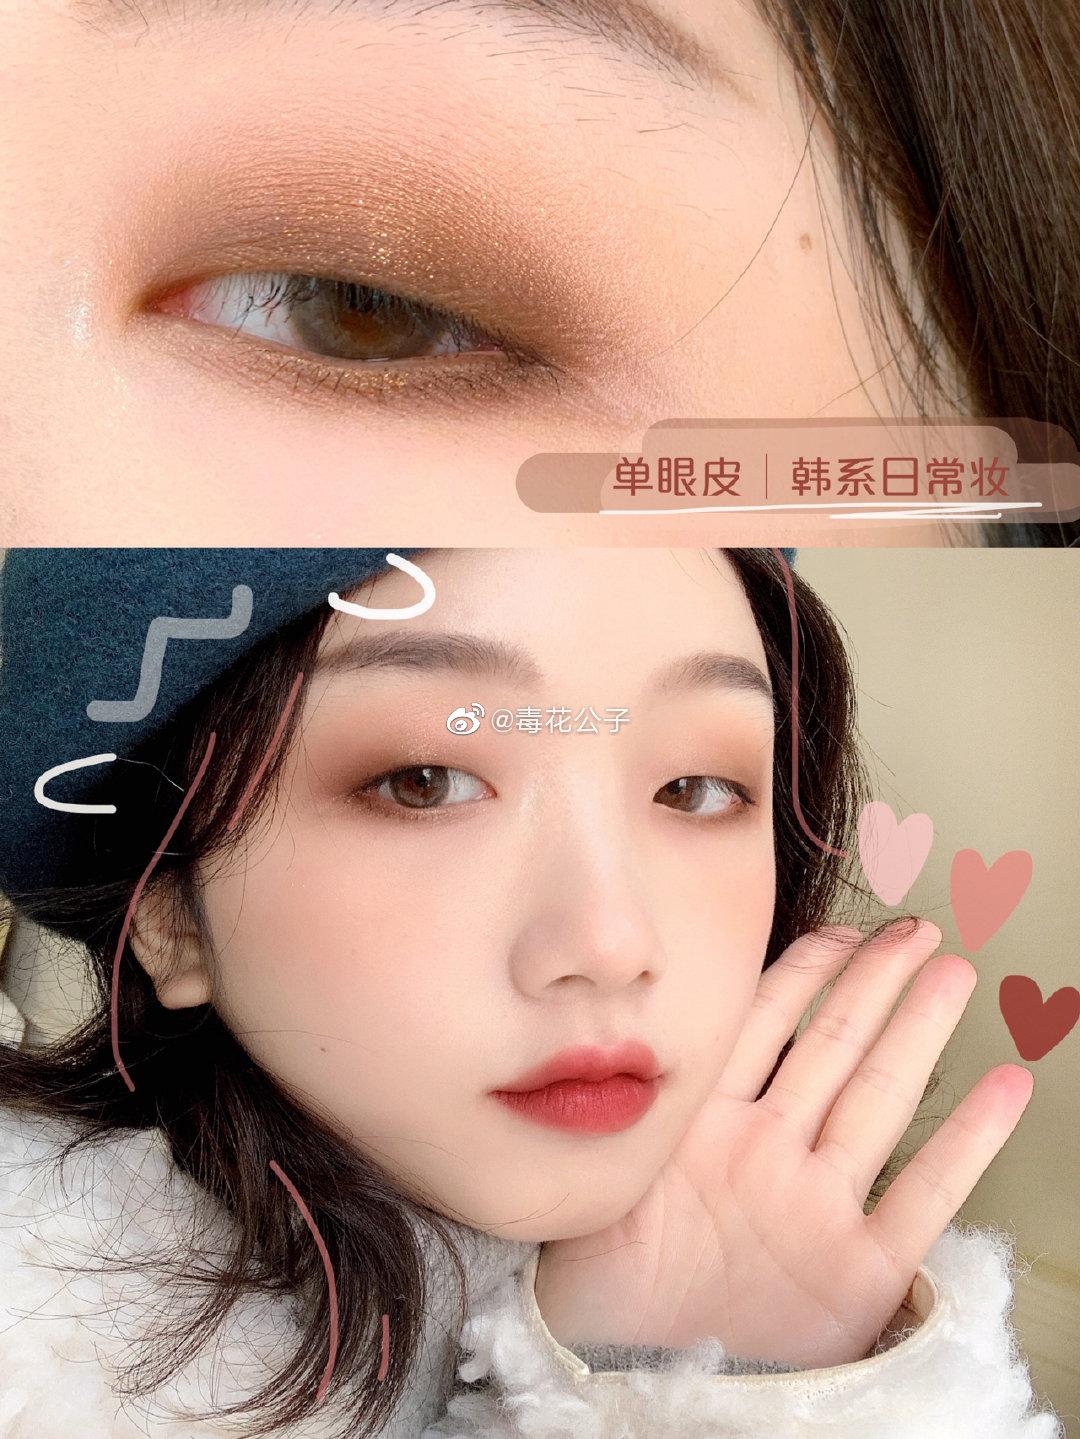 单眼皮妆容|甜韩系乖巧生活妆|新手日常生活妆就这样画